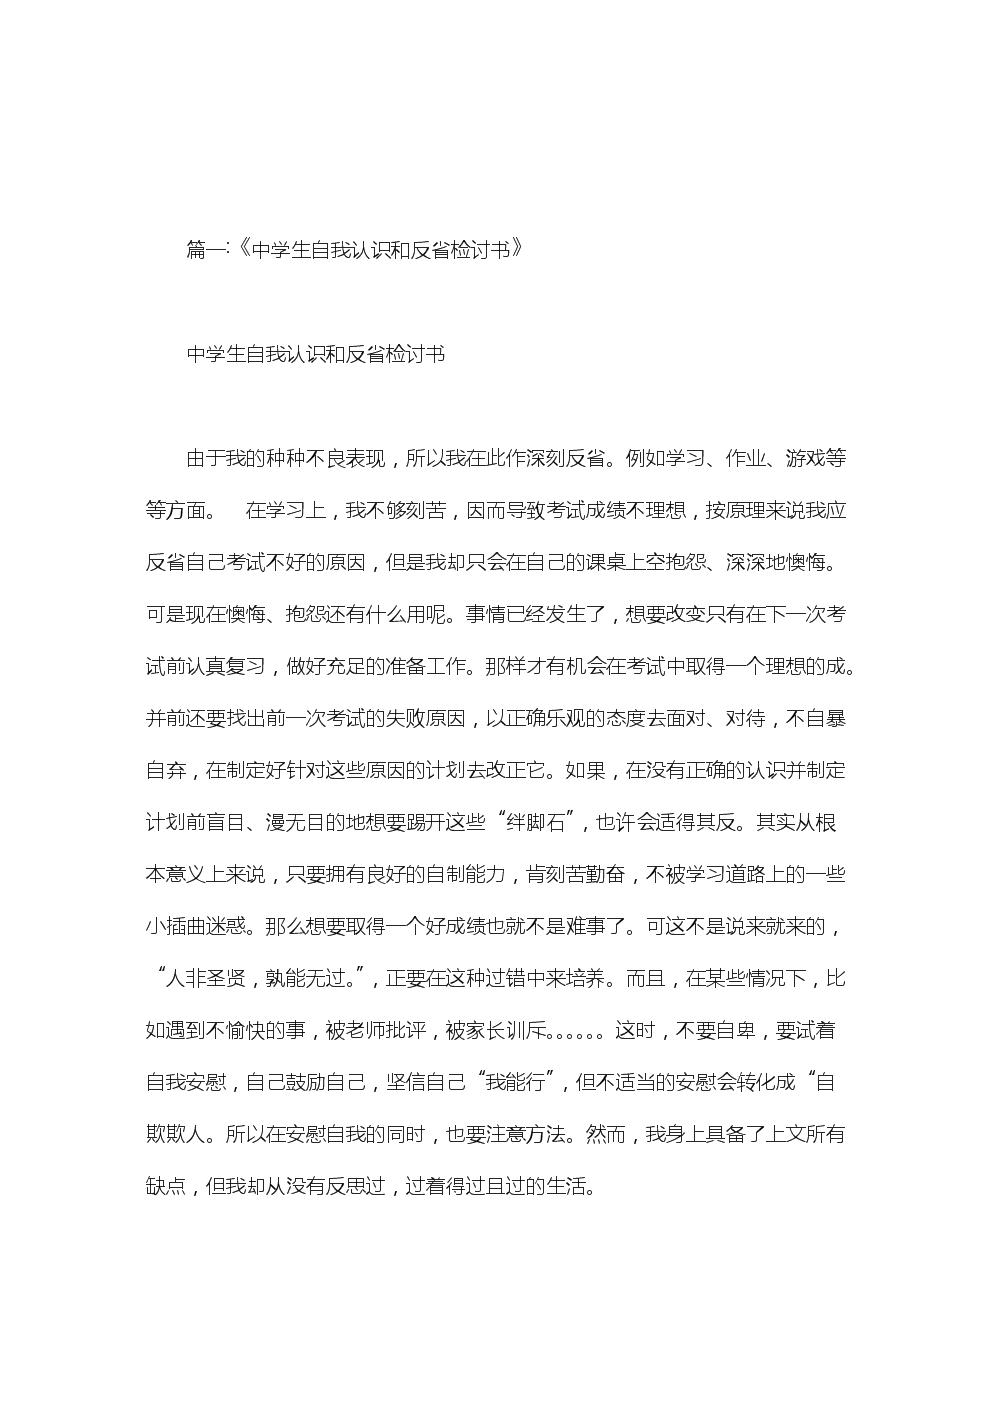 学生自我反省书.doc